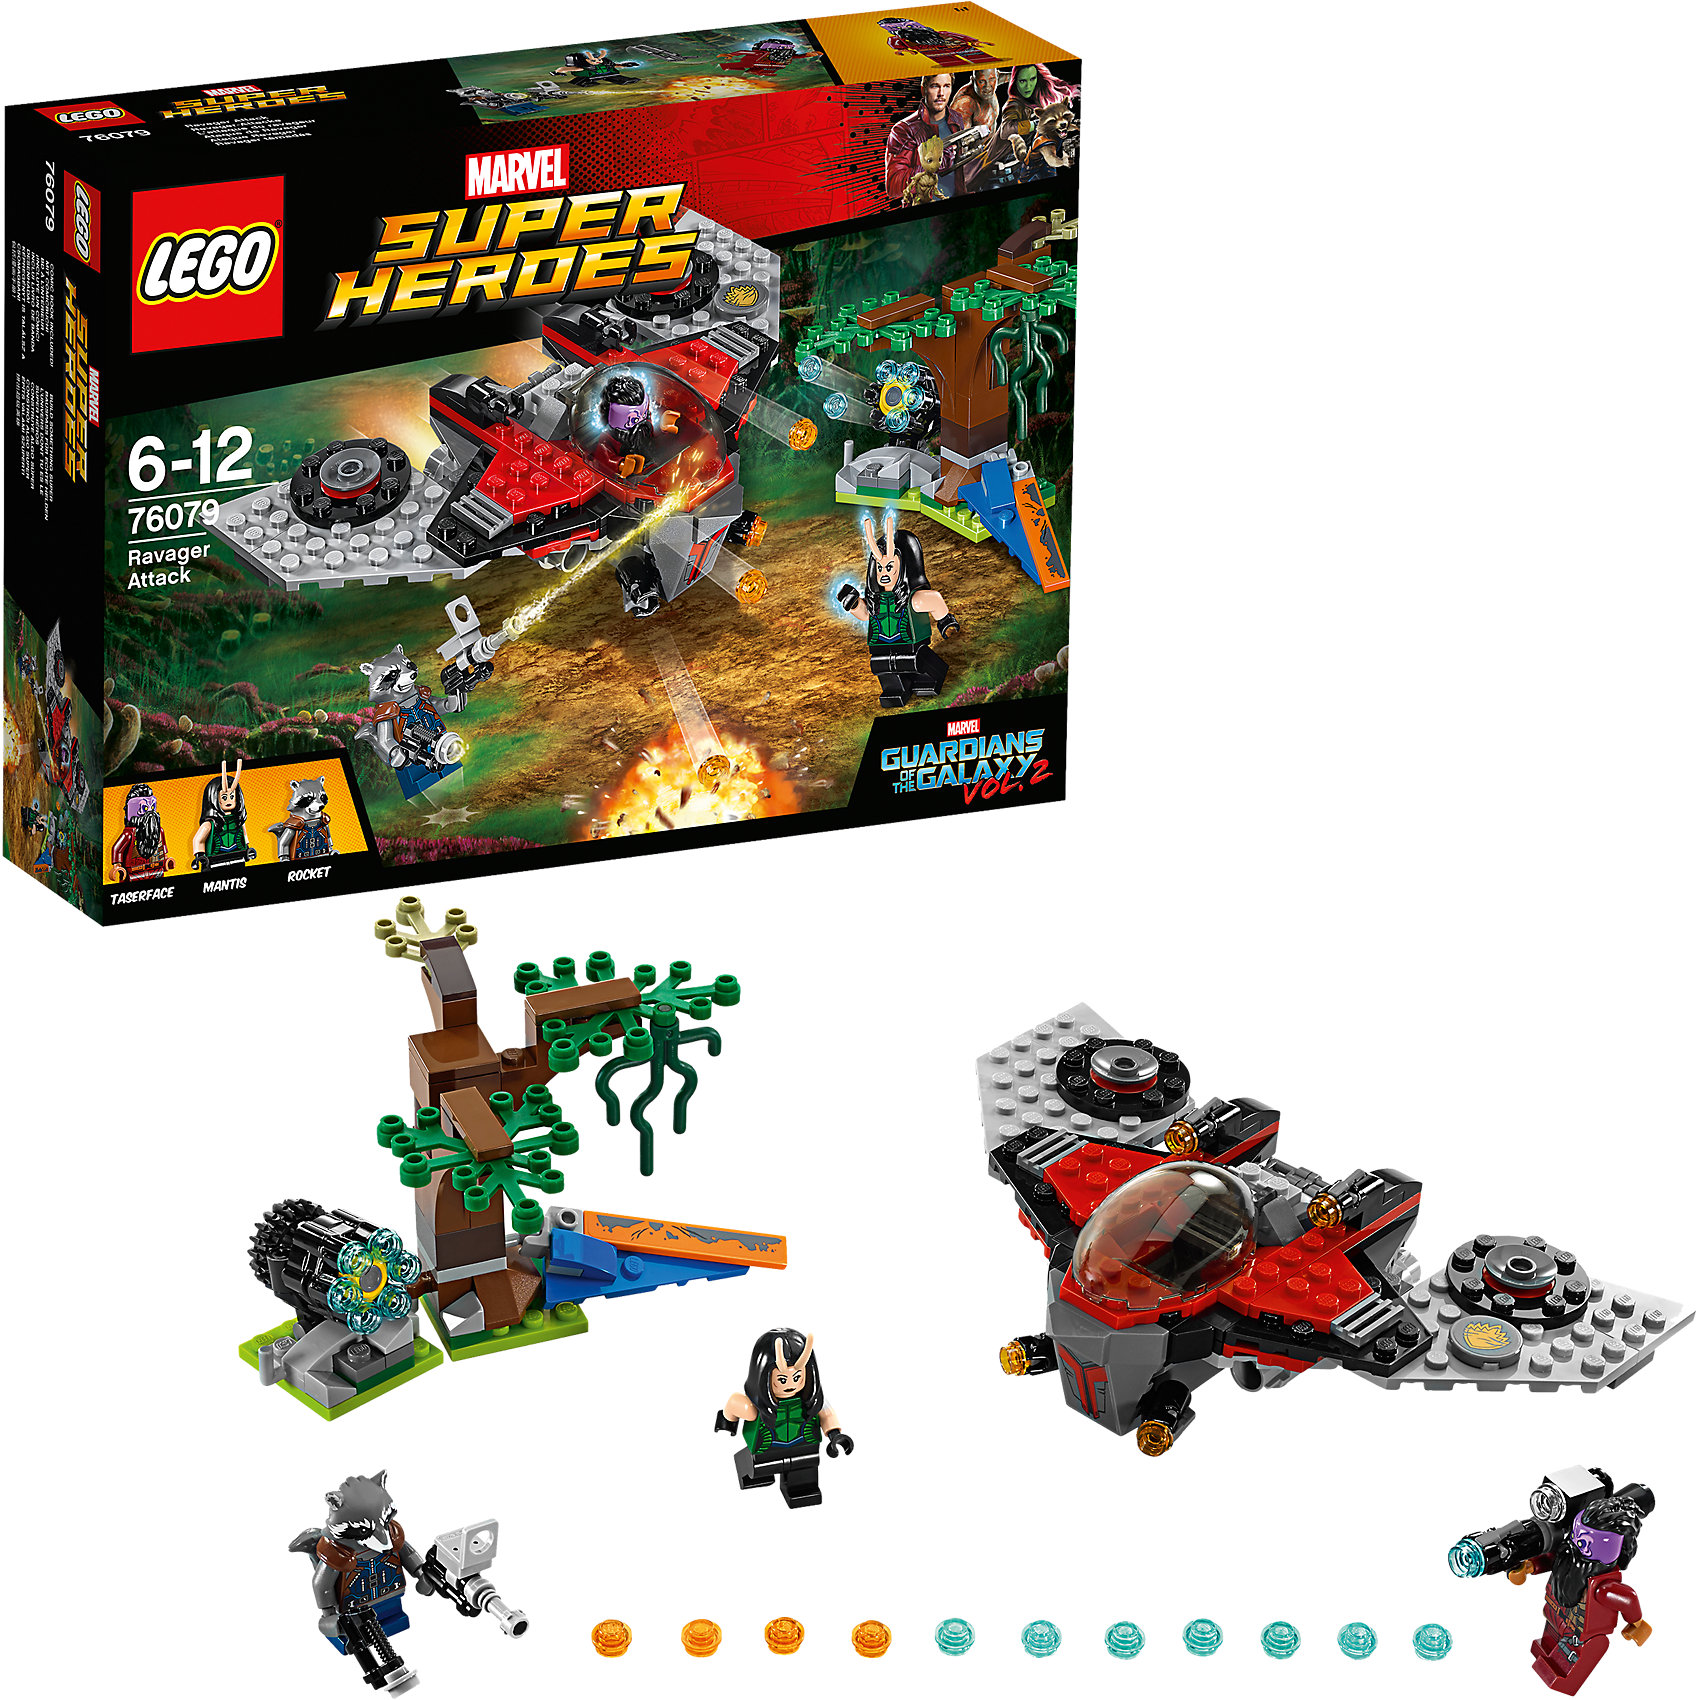 LEGO Super Heroes 76079: Нападение ТазерфейсаLEGO Super Heroes 76079: Нападение Тазерфейса<br><br>Характеристики:<br><br>- в набор входит: детали корабля и дерева, 3 минифигурки, аксессуары, книга комиксов, красочная инструкция по сборке<br>- минифигурки набора: Ракета, Мантис, Тазерфейс<br>- состав: пластик<br>- количество деталей: 197<br>- размер упаковки: 26 * 6 * 19 см.<br>- для детей в возрасте: от 6 до 12 лет<br>- Страна производитель: Дания/Китай/Чехия<br><br>Легендарный конструктор LEGO (ЛЕГО) представляет серию «Marvel Super Heroes» (Супер герои Марвел) по сюжетам фильмов, мультфильмов и комиксов о супергероях. <br><br>Этот набор понравится любителям фильмов Marvel Стражи галактики. Минифигурки набора выглядят ярко, очень качественно проработаны, в их разработке были использованы уникальные детали не встречающиеся в других наборах. Енот Ракета представлен в более детализированном костюме и новым оружием, теперь он улыбается. Прическа Мантис уникальна из-за добавленных двух антенн и длинных густых черных волос. Прическа Тазерфейса соединена с его густой бородой, его фиолетовый цвет лица ярко выделяется, у него так же появилось новое оружие стреляющее ракетами с помощью механизма. <br><br>Битва героев происходит на зелёной планете в болотистой местности, поэтому в набор включено дерево с характерными деталями. Космический корабль набора выглядит очень реалистично, оснащен двумя турбинами, кабина пилота открывается, фронтальные пушки стреляют снарядами с помощью механизма. Помоги героям выиграть эту битву со злом на необычной планете с помощью ультраэффективной многоствольной пушки из обломков Милано. <br><br>Играя с конструктором ребенок развивает моторику рук, воображение и логическое мышление, научится собирать по инструкции и создавать свои модели. Придумывайте новые истории любимых героев с набором LEGO «Marvel Super Heroes»!<br><br>Конструктор LEGO Super Heroes 76079: Нападение Тазерфейса можно купить в нашем интернет-магазине.<br><br>Ширина мм: 262<br>Г